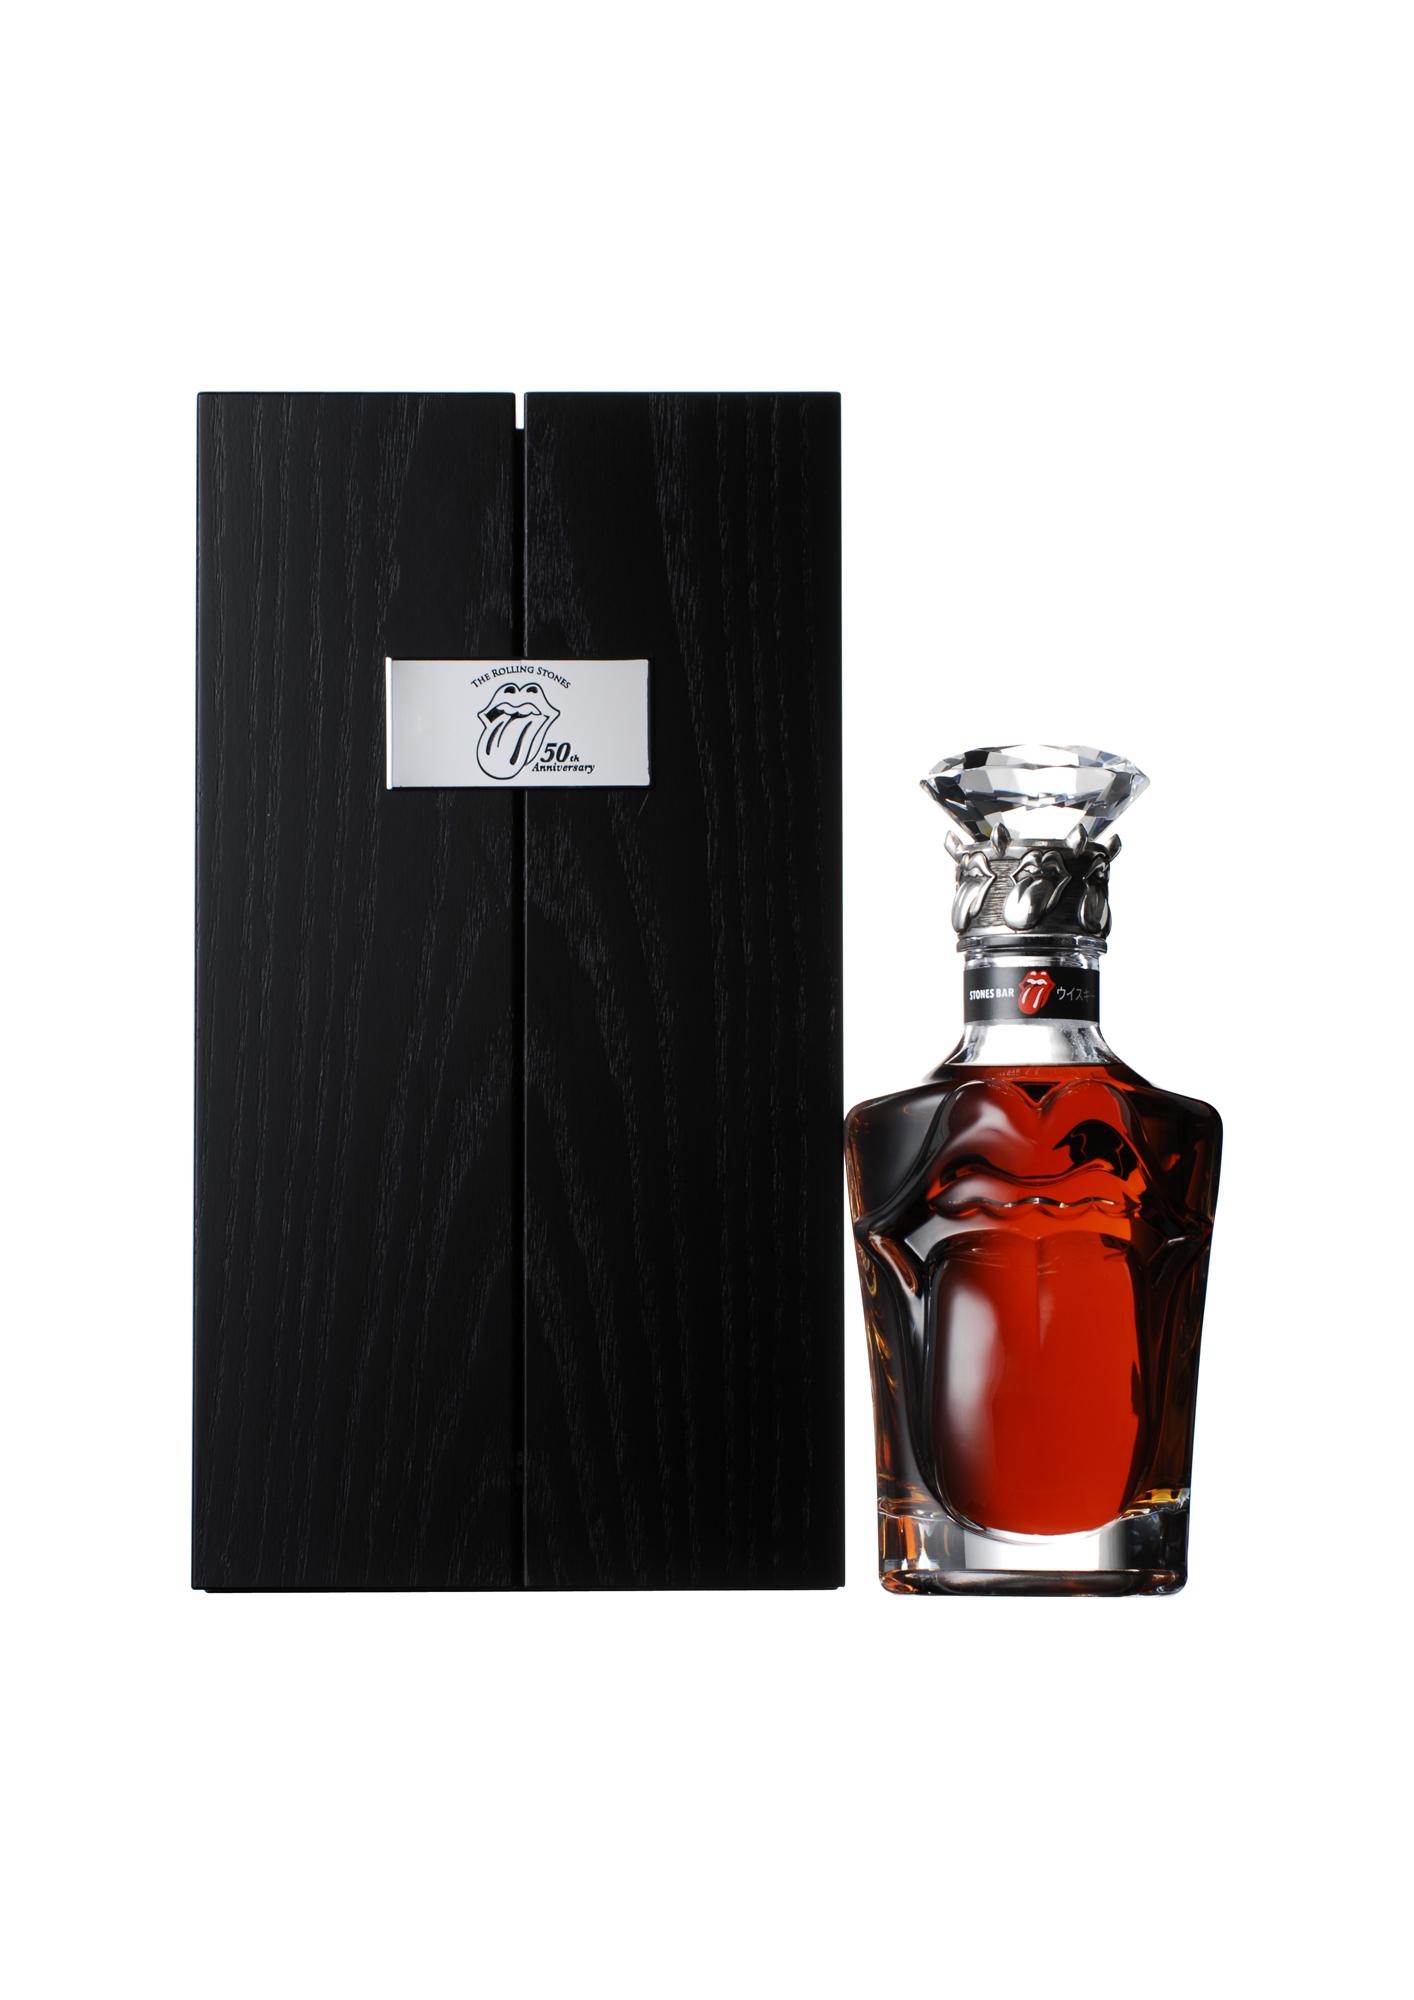 「ストーンズバー 〈ザ・ローリング・ストーンズ50周年記念ウイスキー〉」